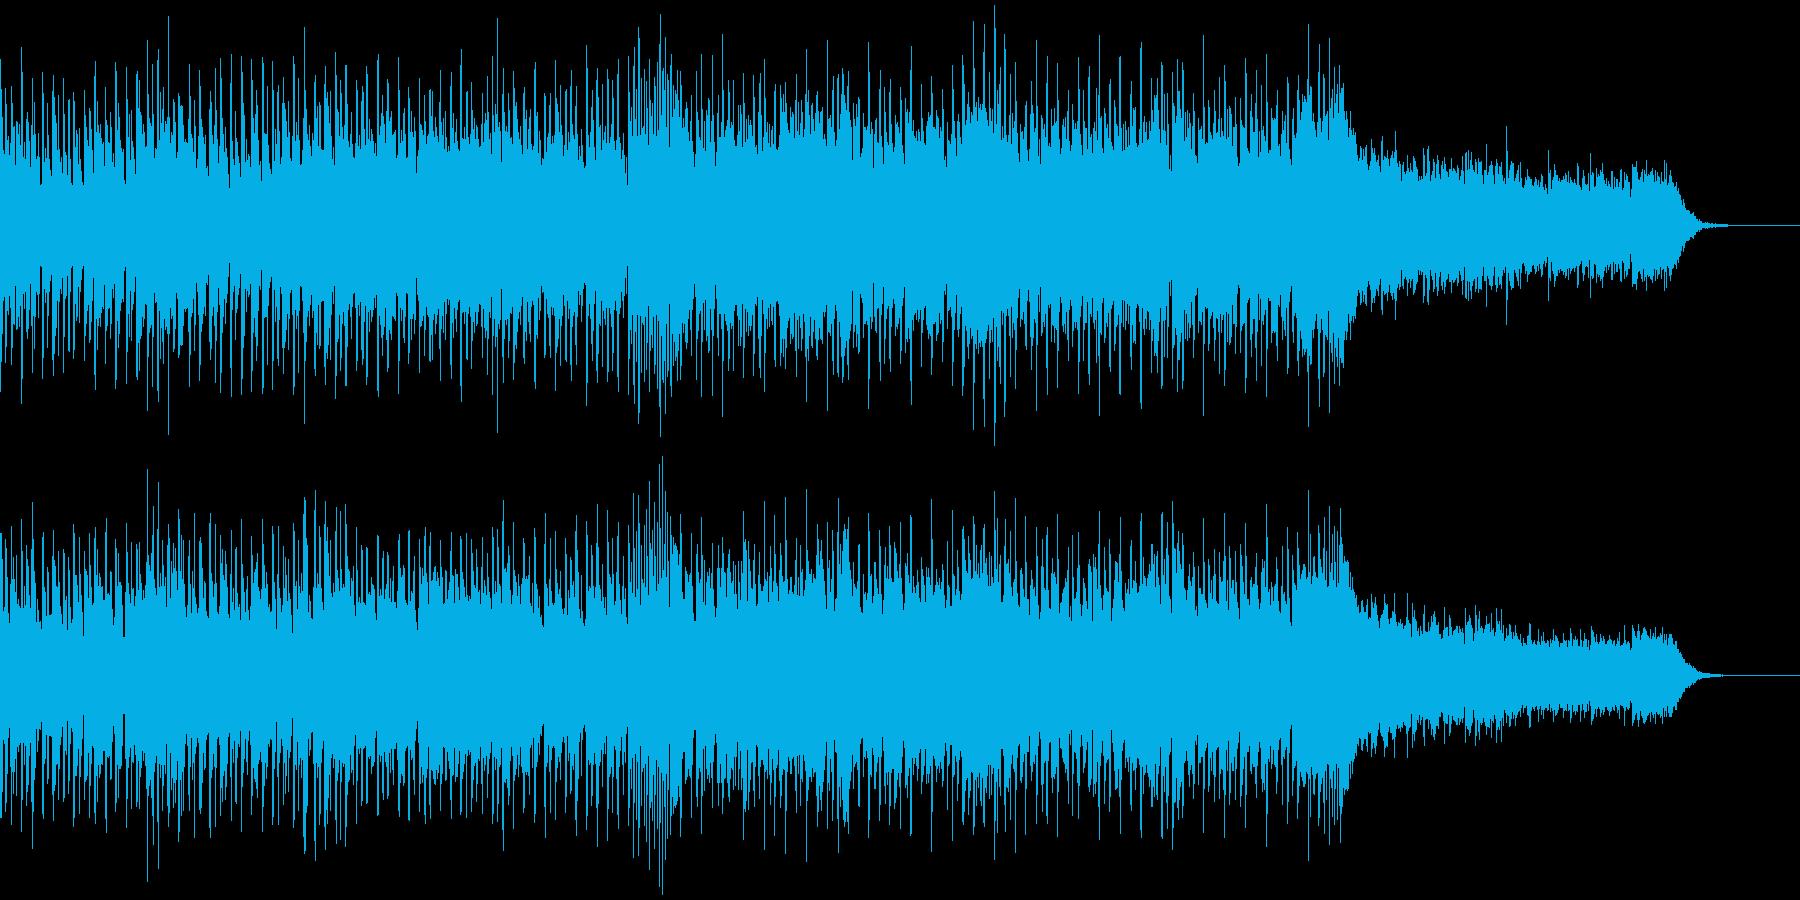 キャッチーでファンタジック、そして元気…の再生済みの波形